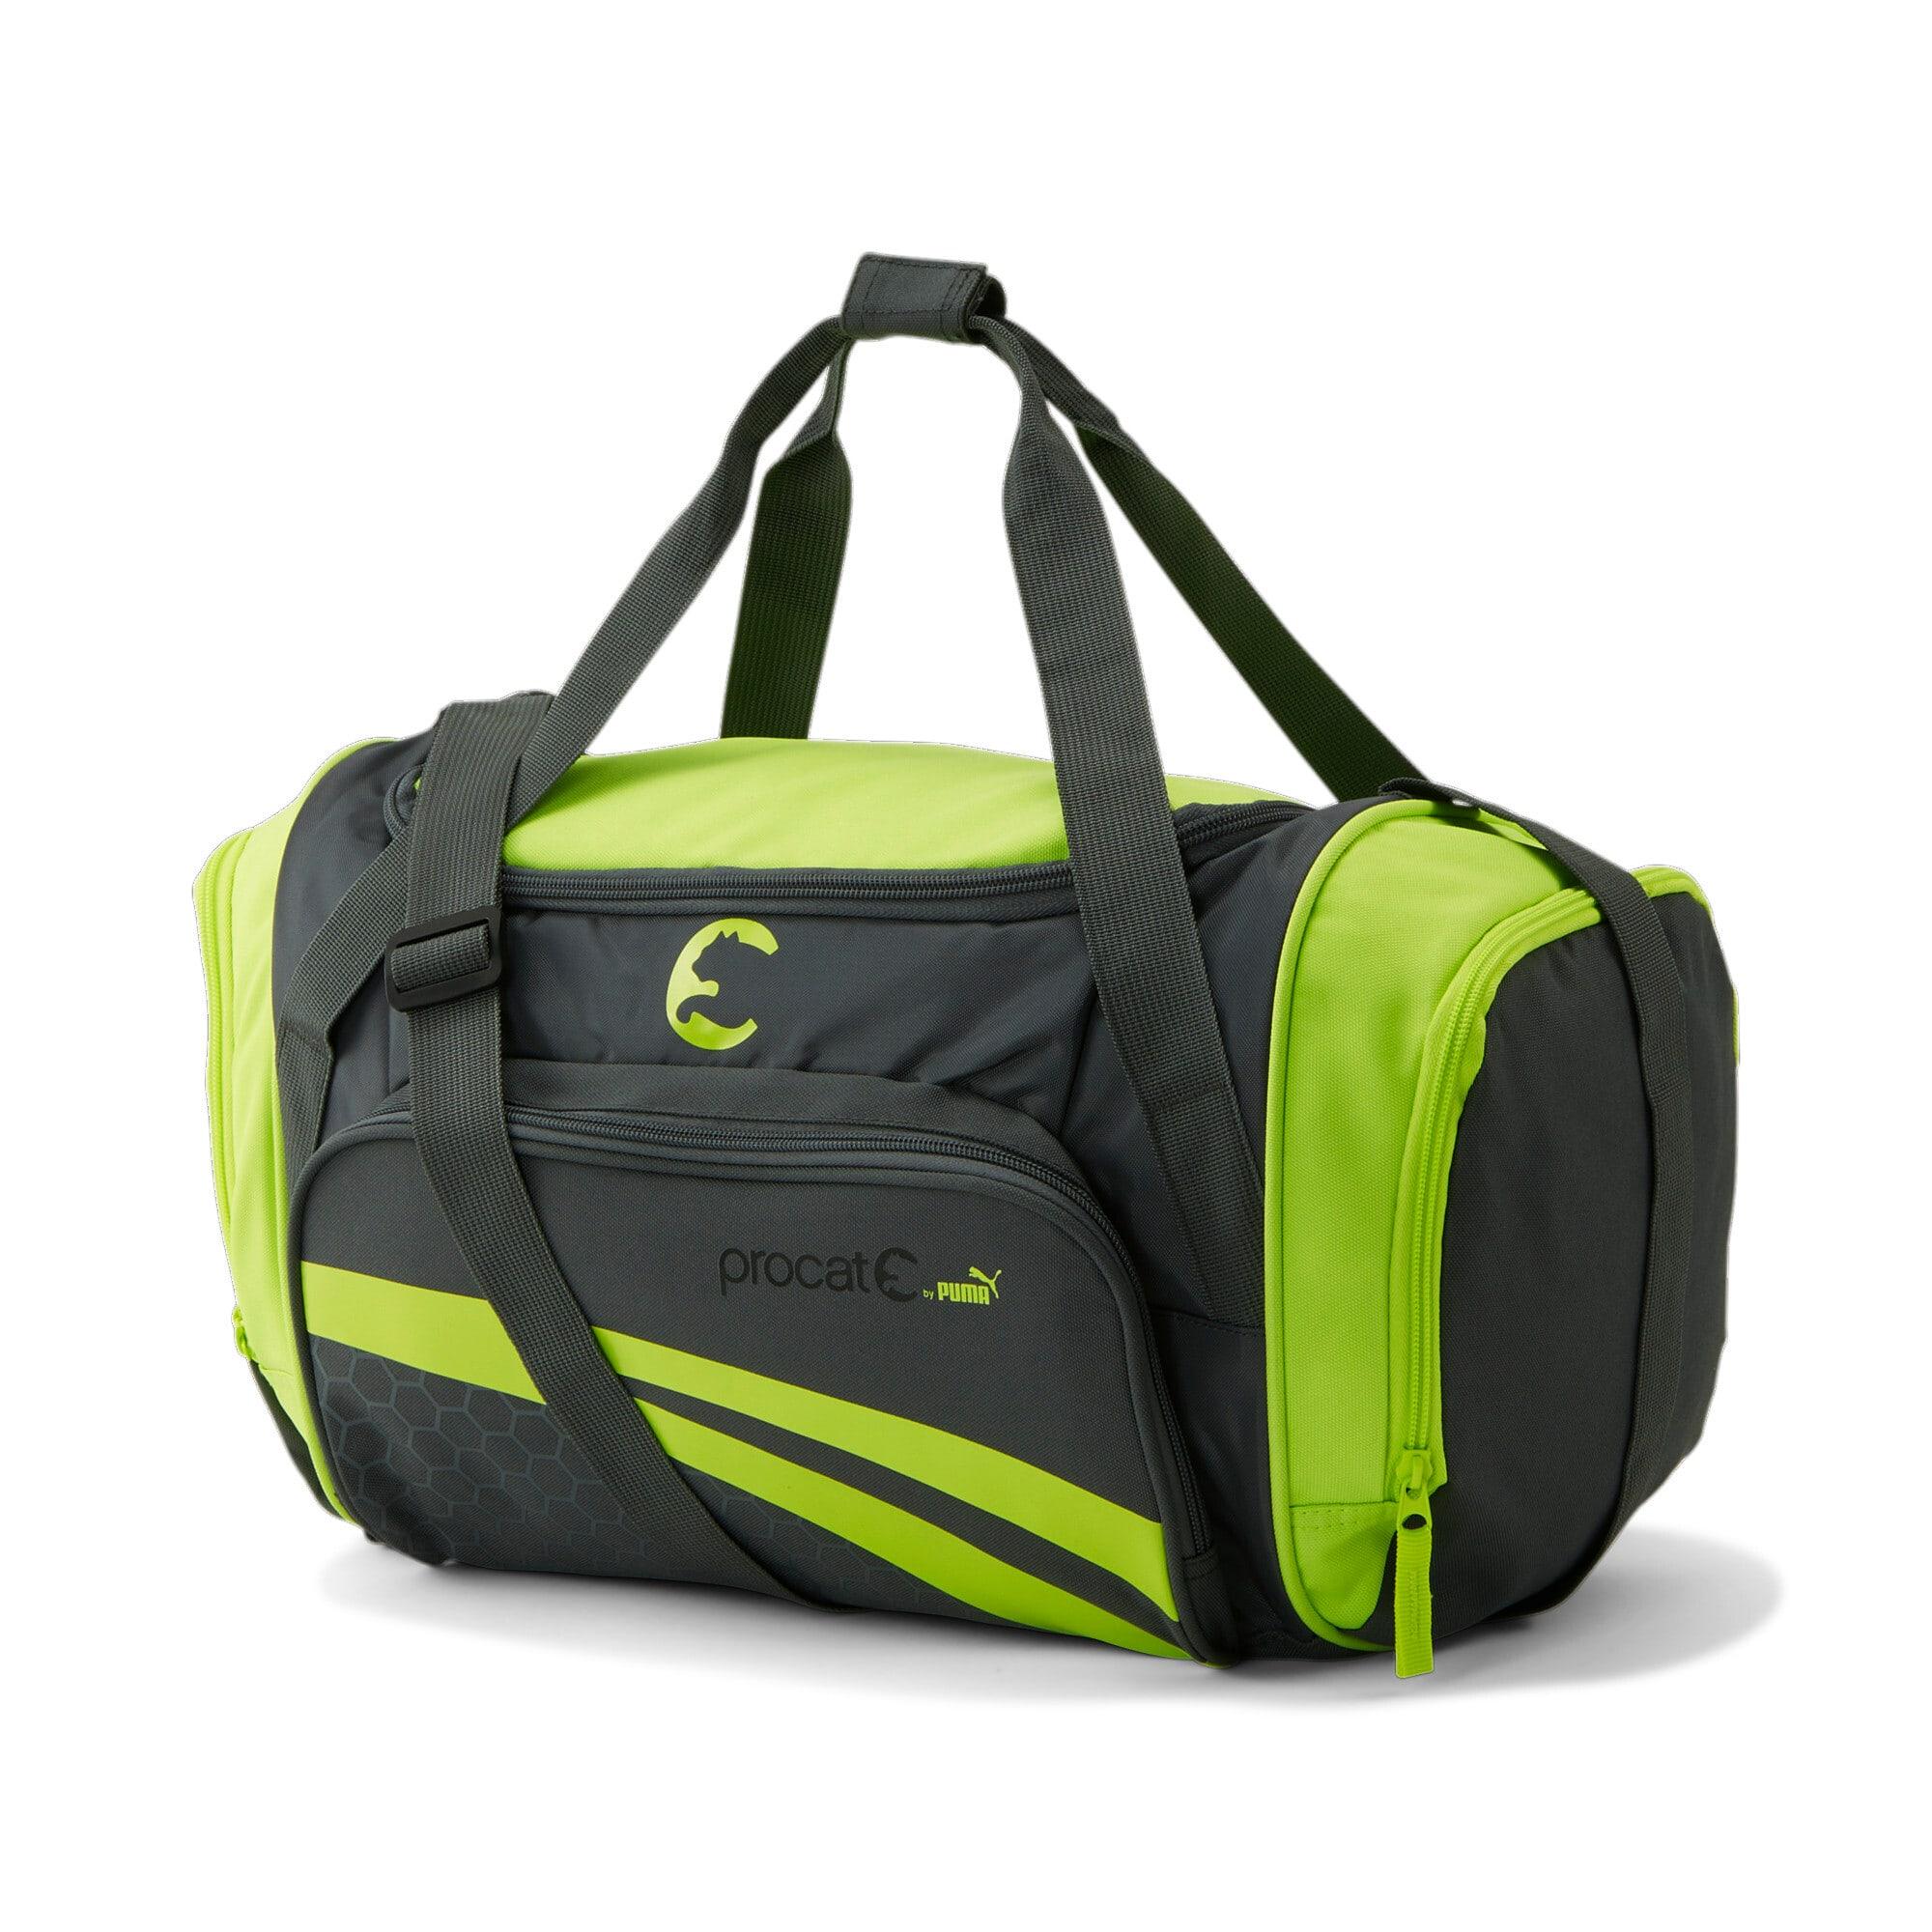 Thumbnail 1 of ProCat Duffel Bag, GREY/GREEN, medium